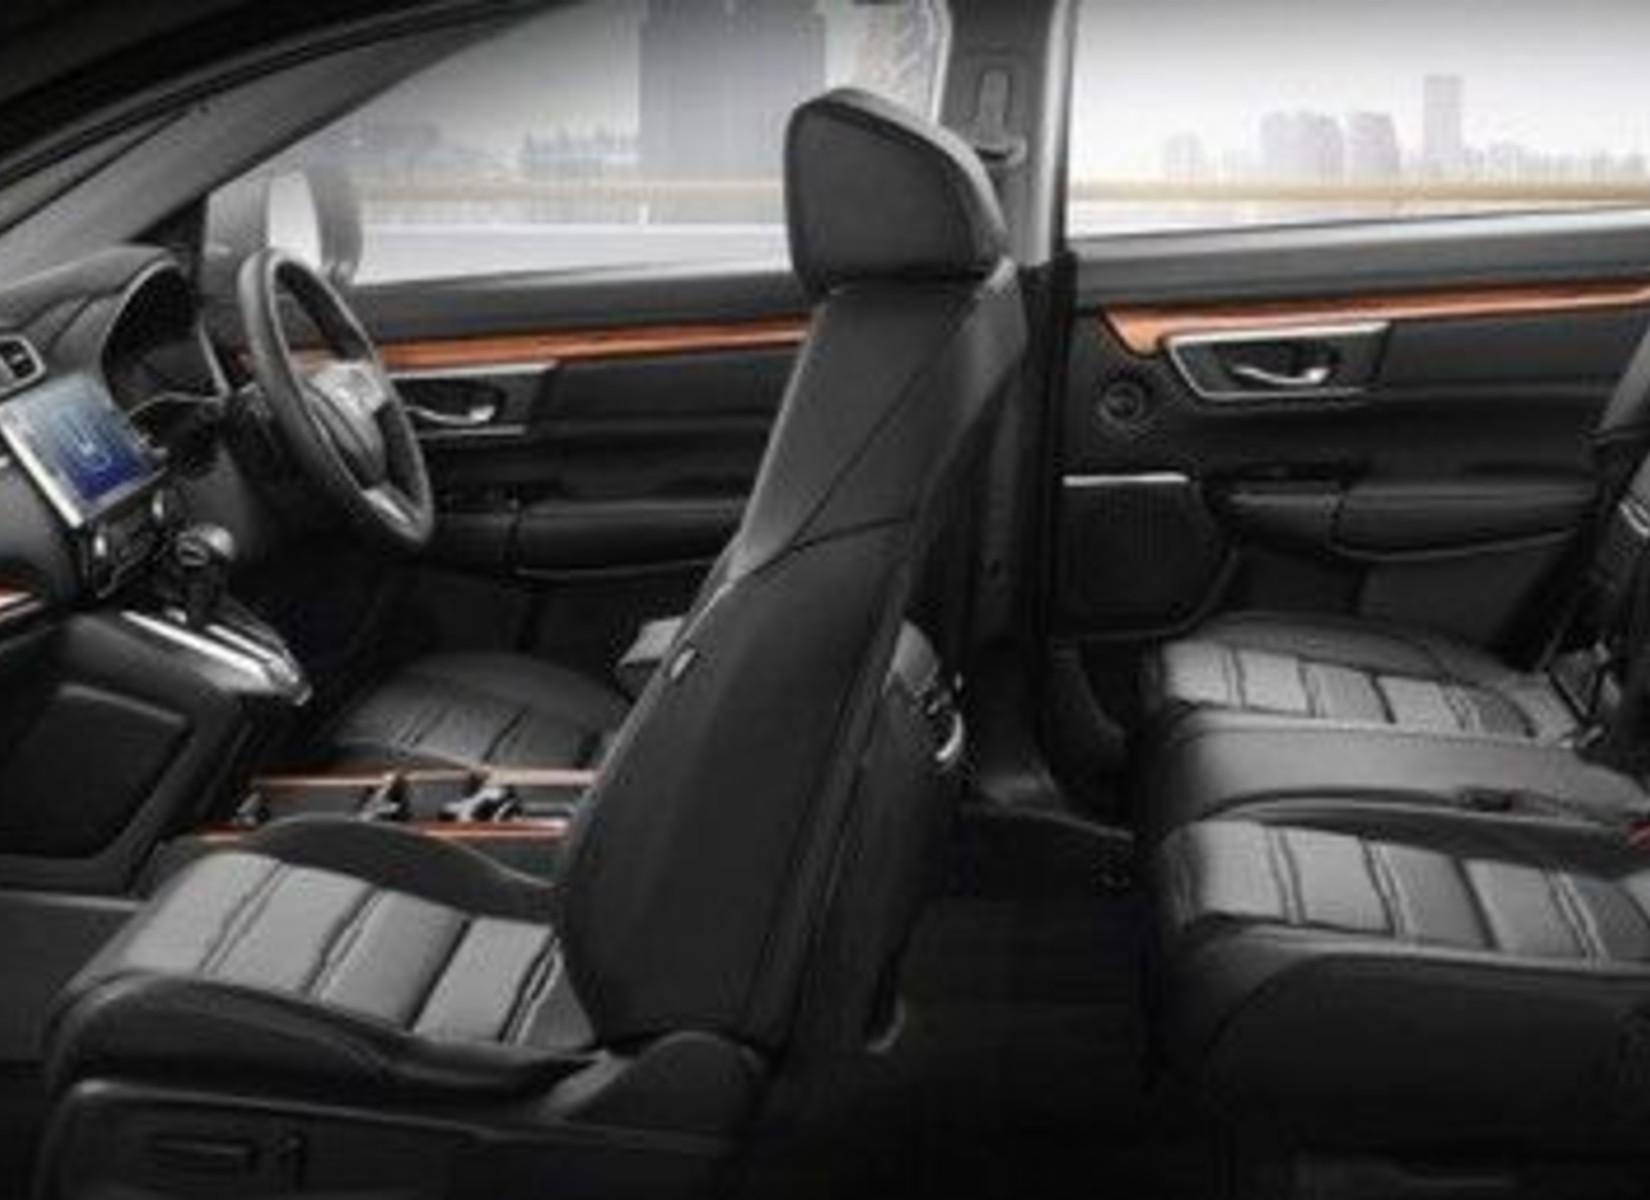 2019 Honda CR-V Interior View